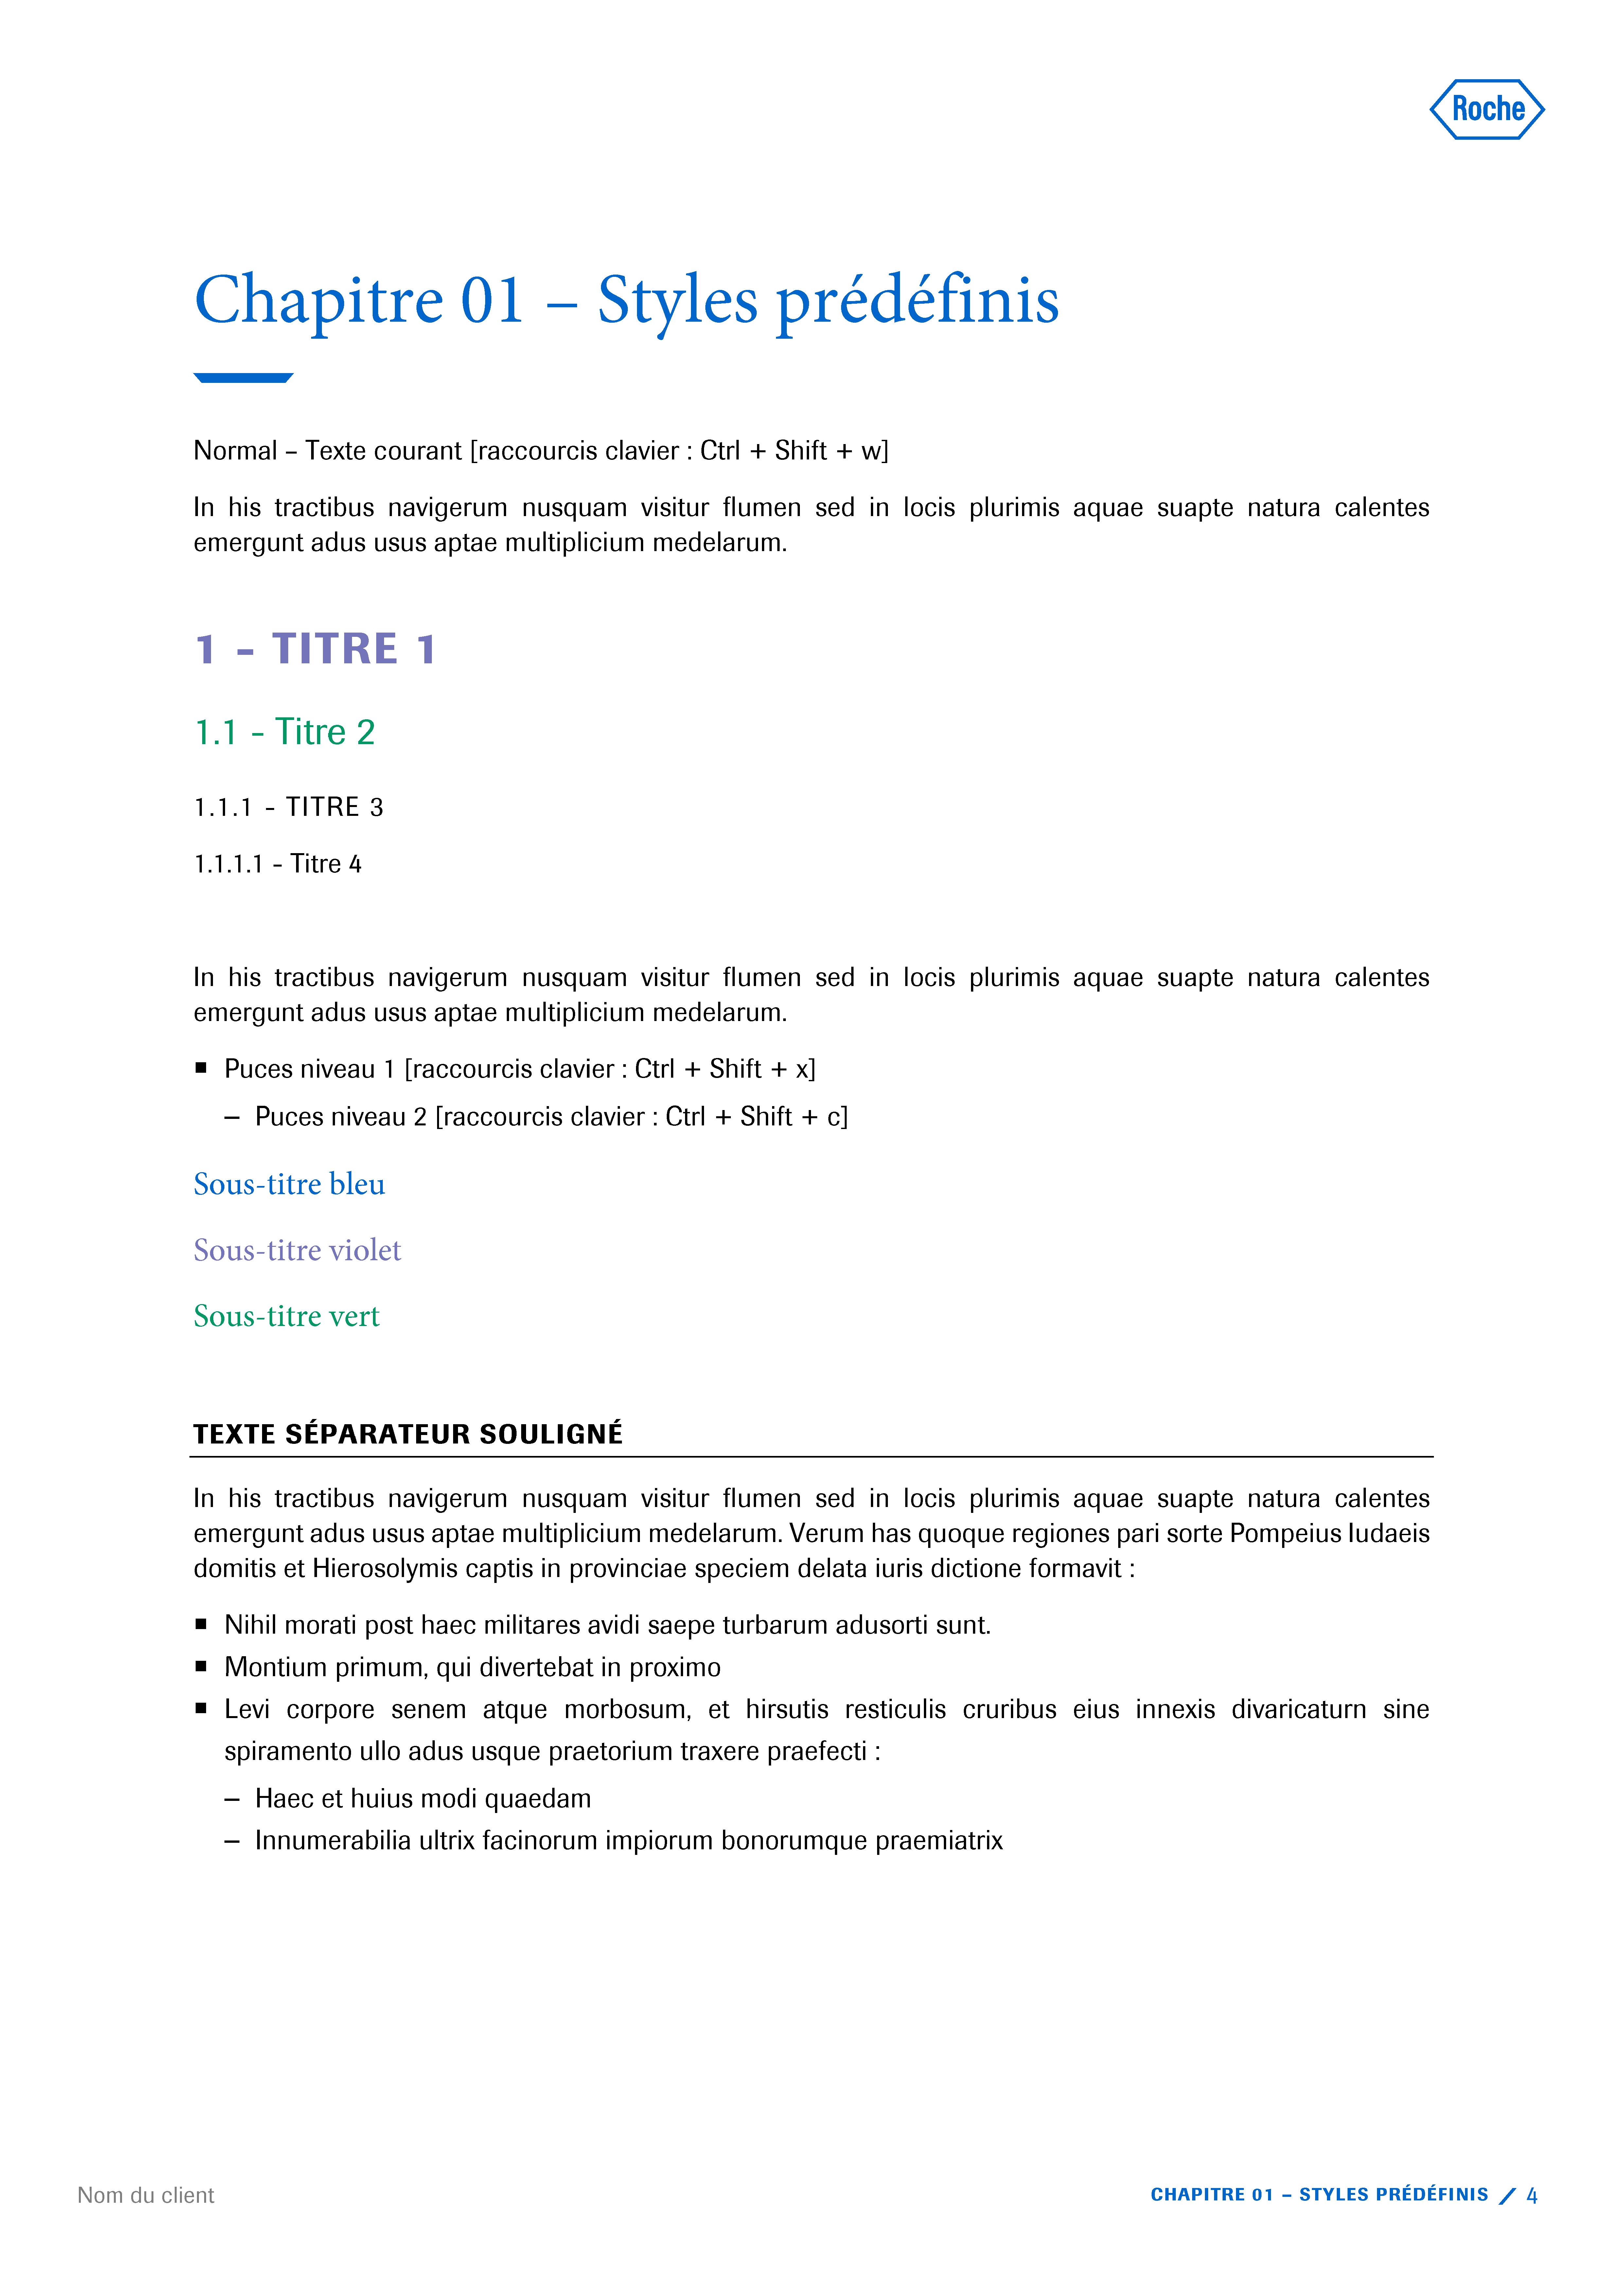 Modèle de présentation Word professionnelle pour laboratoire Roche 4